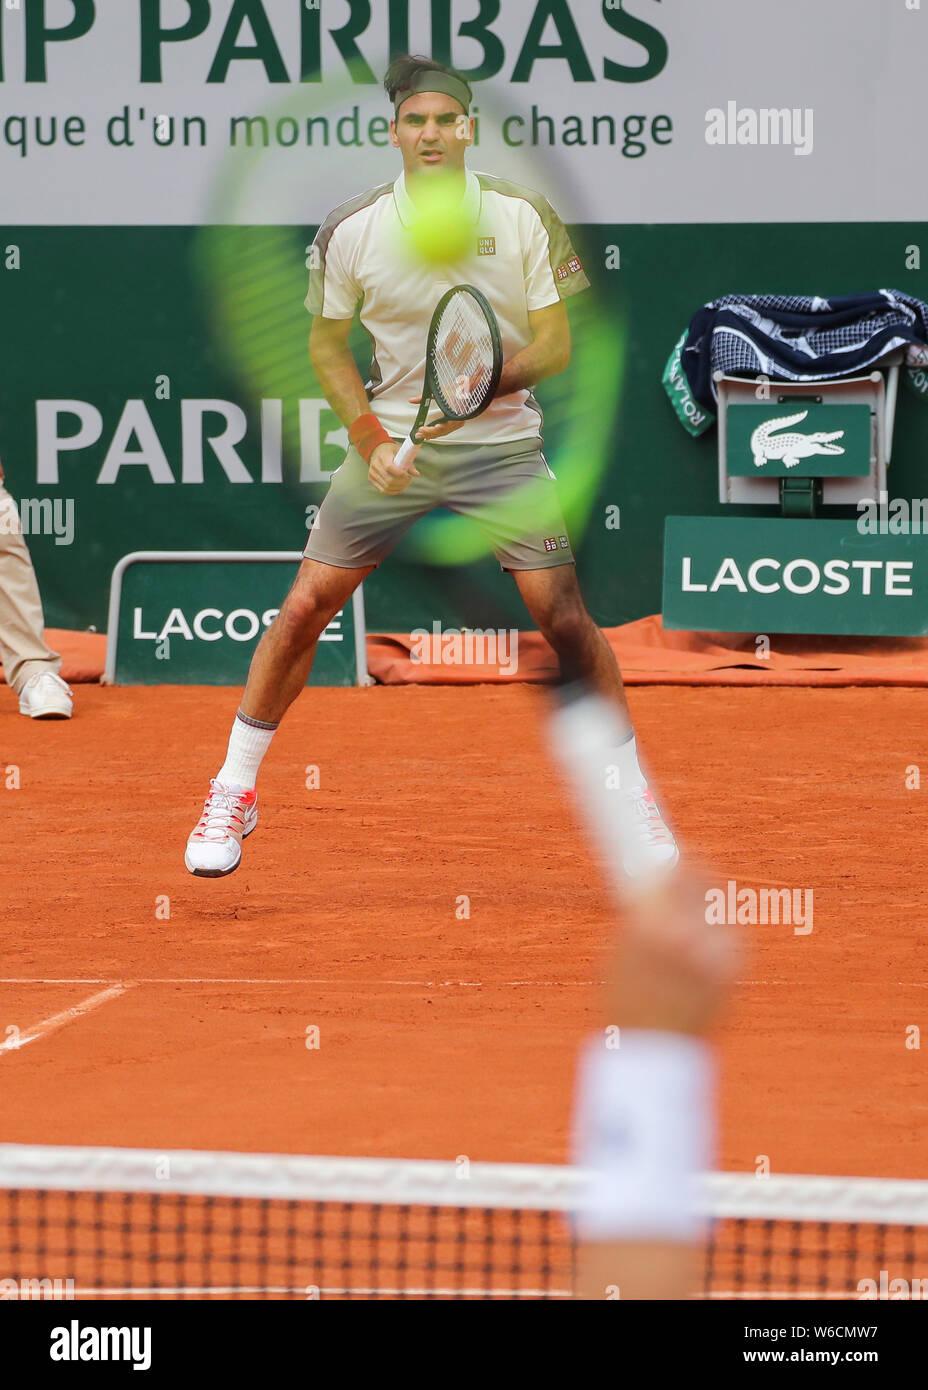 Swiss giocatore di tennis Roger Federer in attesa per il servizio girato durante il French Open 2019, Parigi, Francia Foto Stock